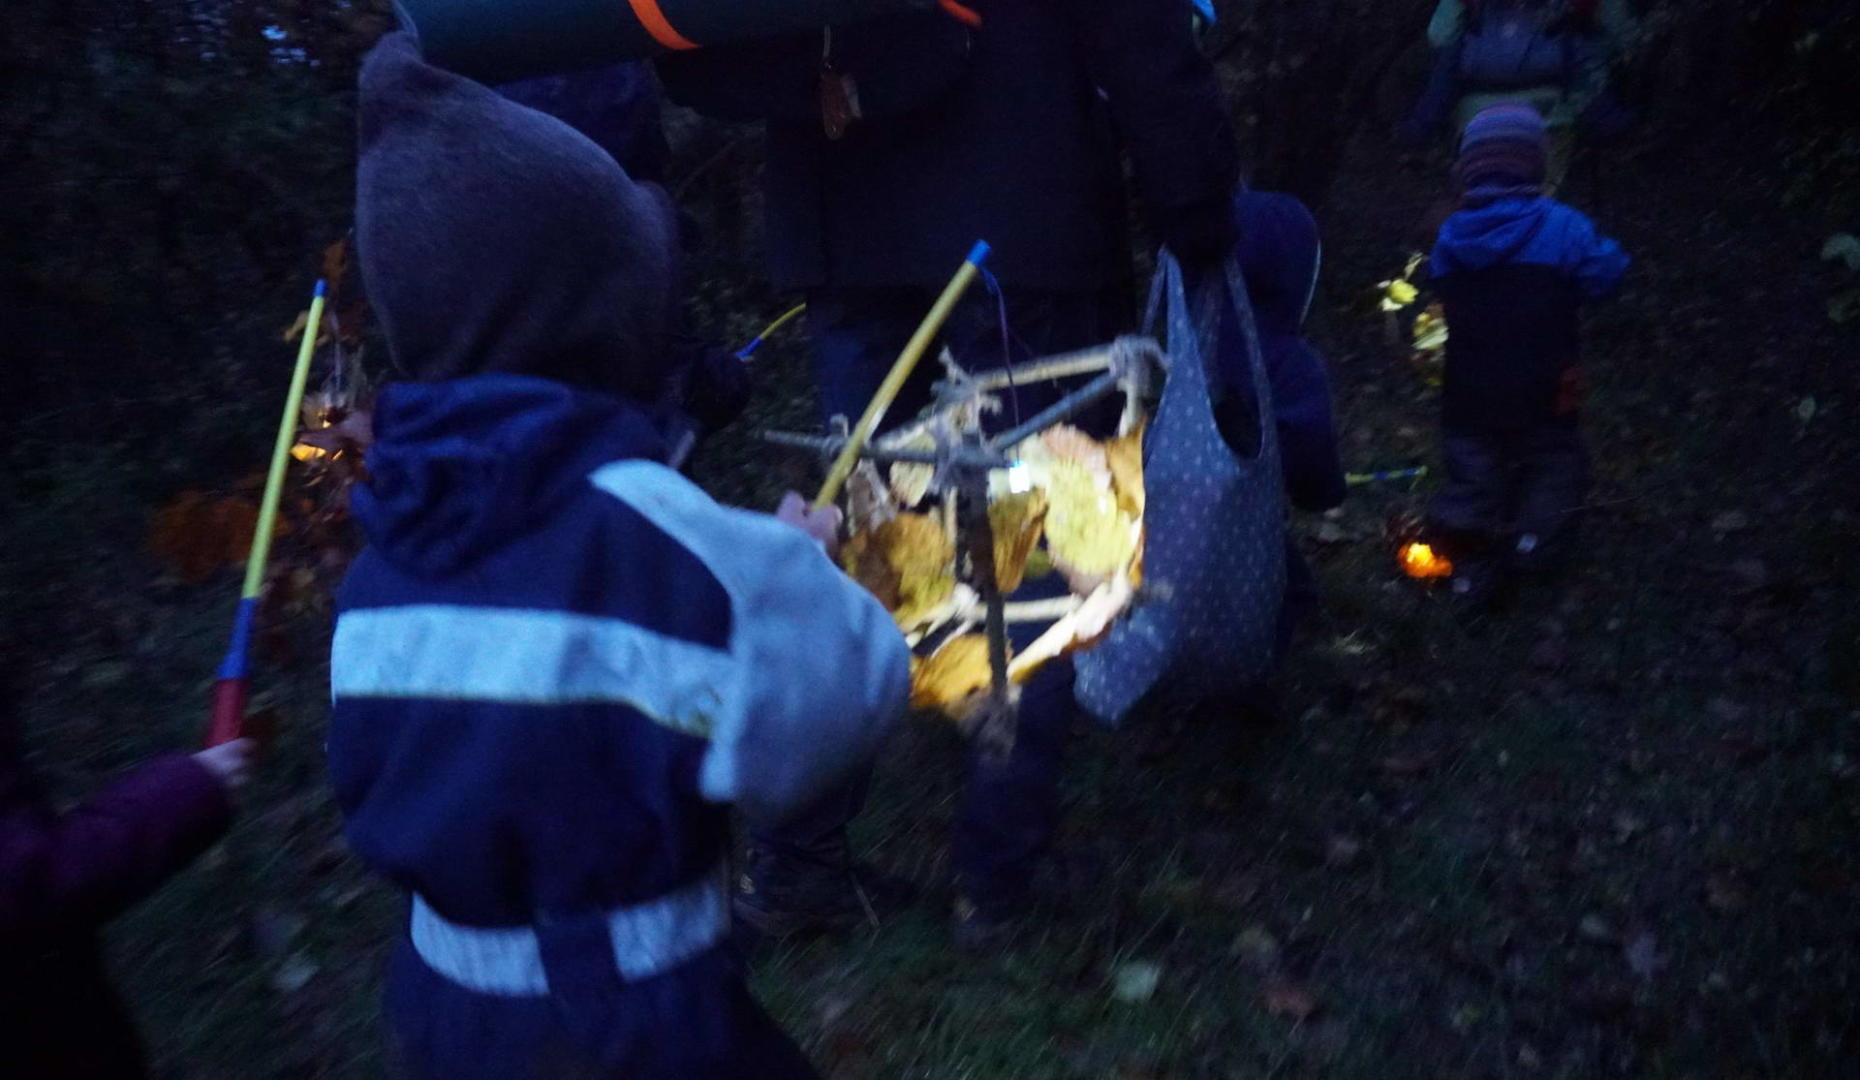 Kinder gehen mit selbst gebastelten laternen durch den Wald